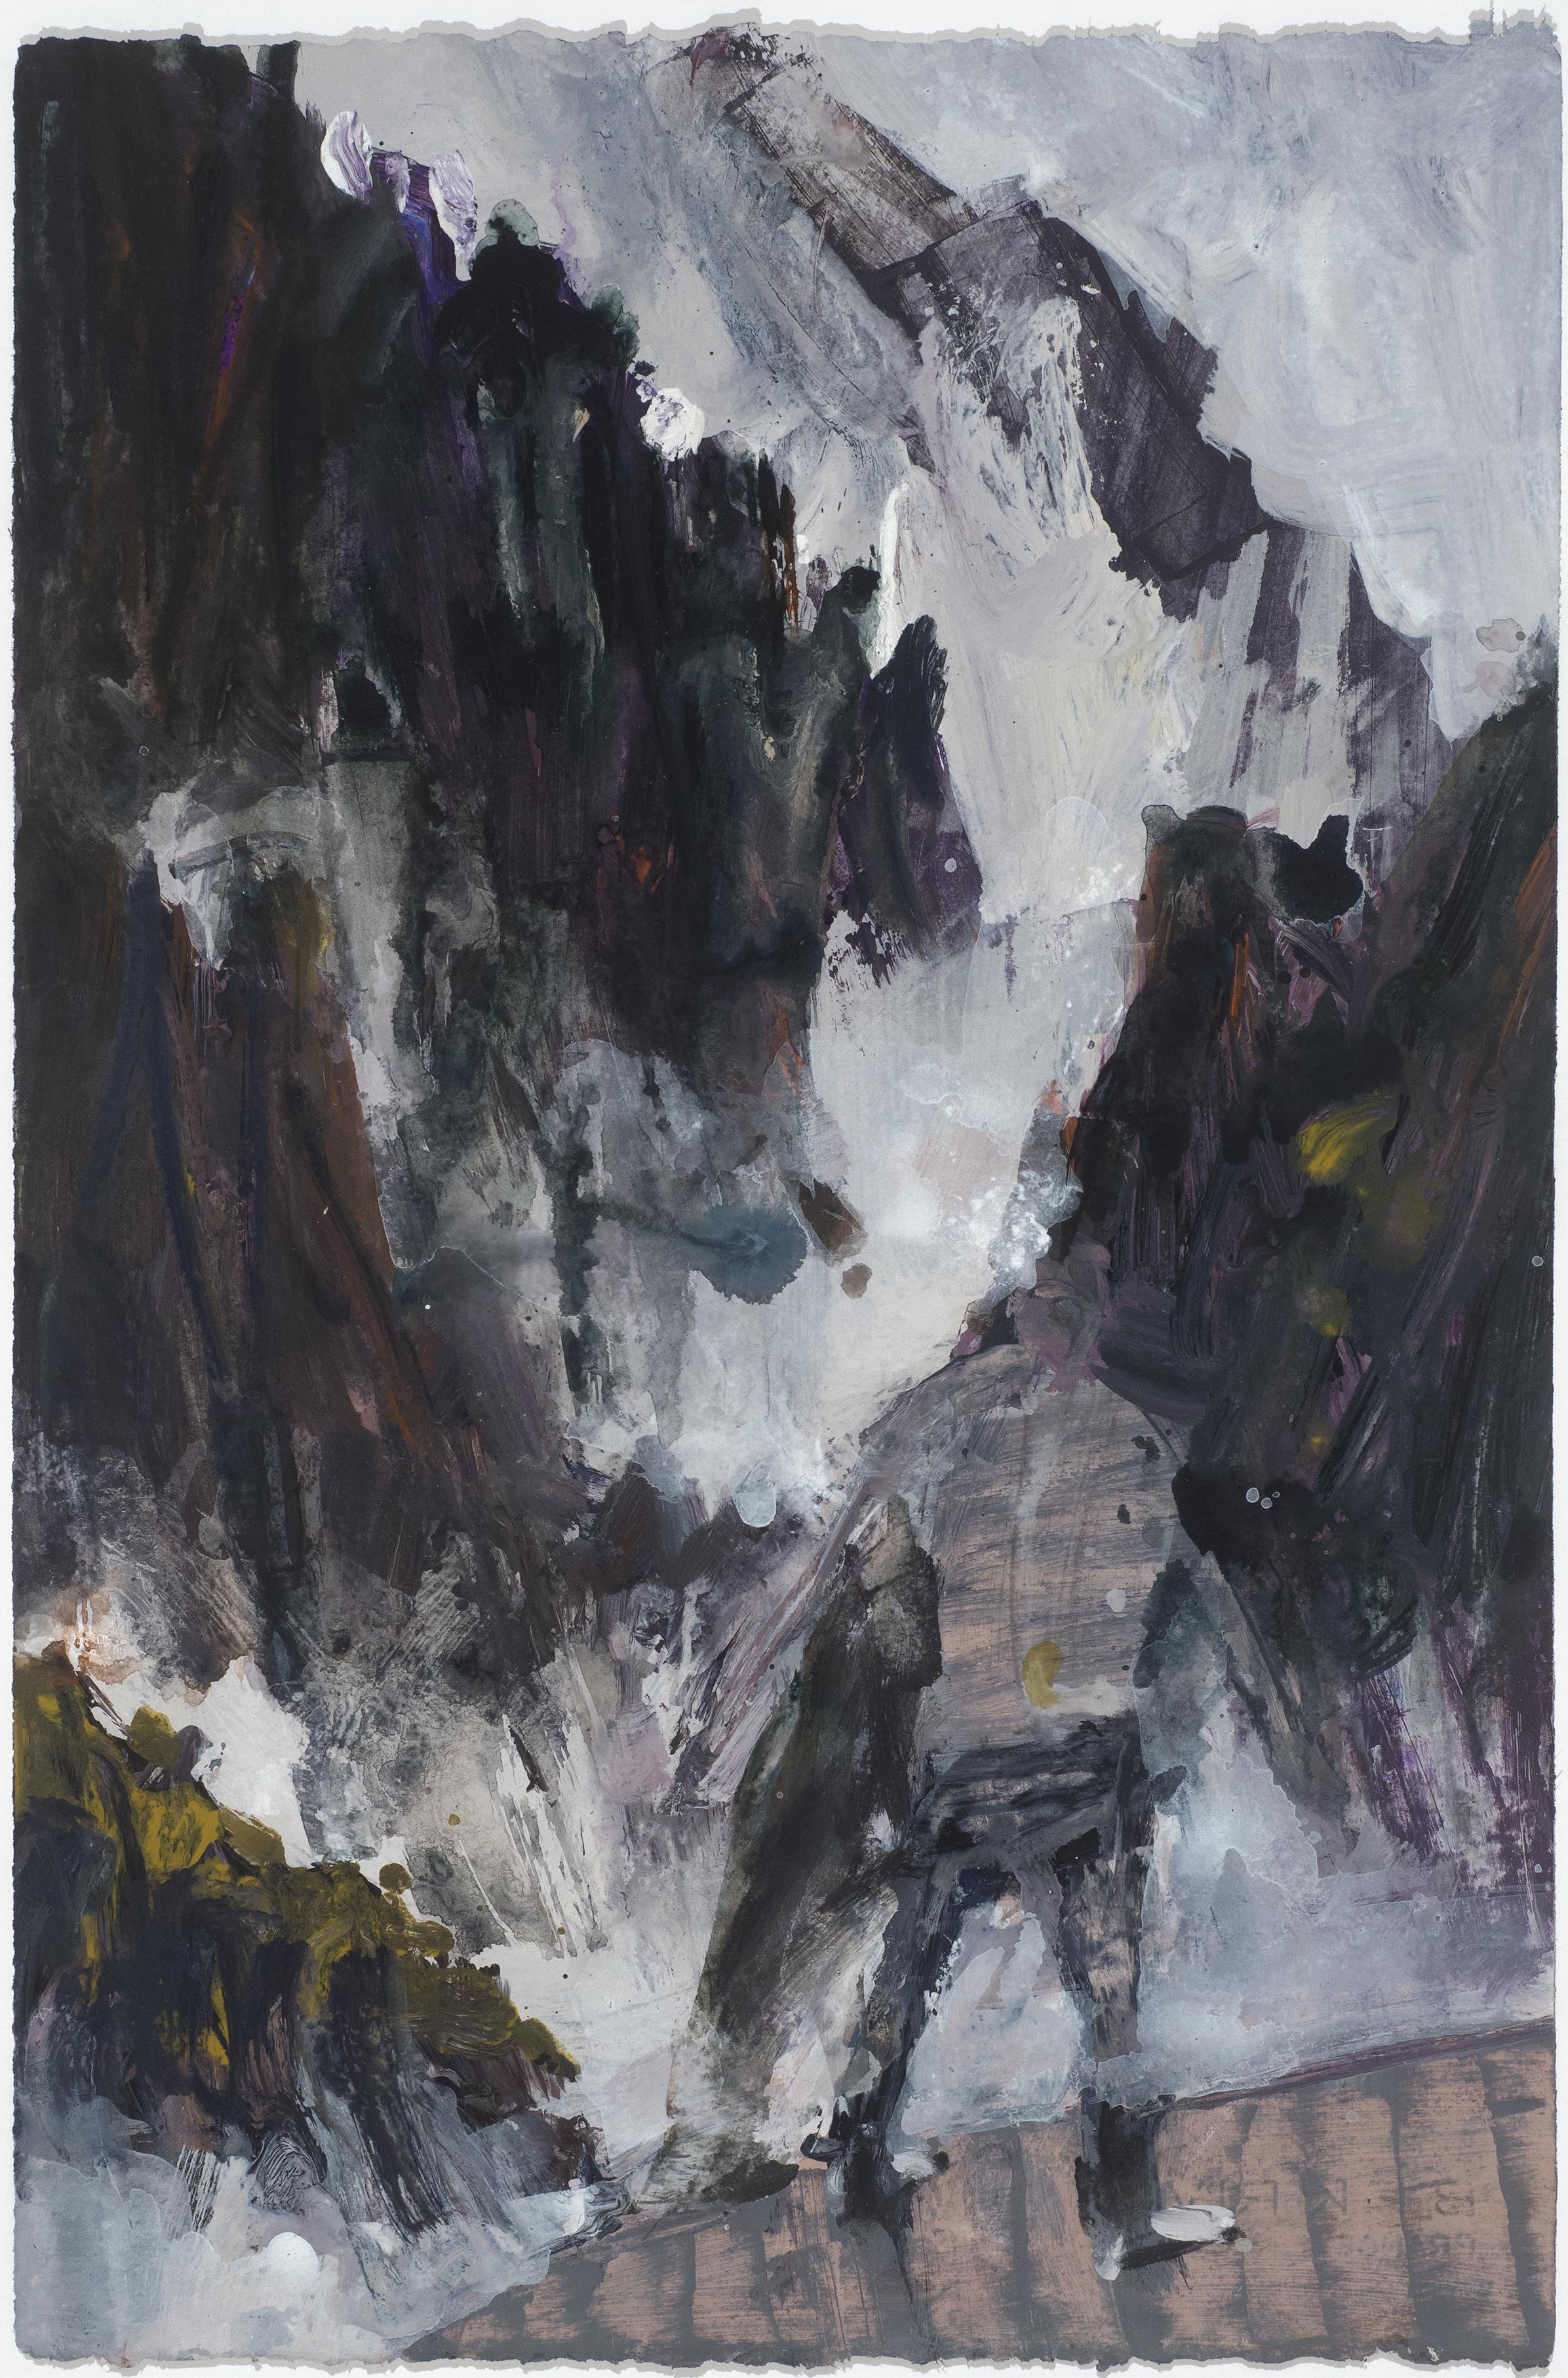 Misty mountain study 10/16